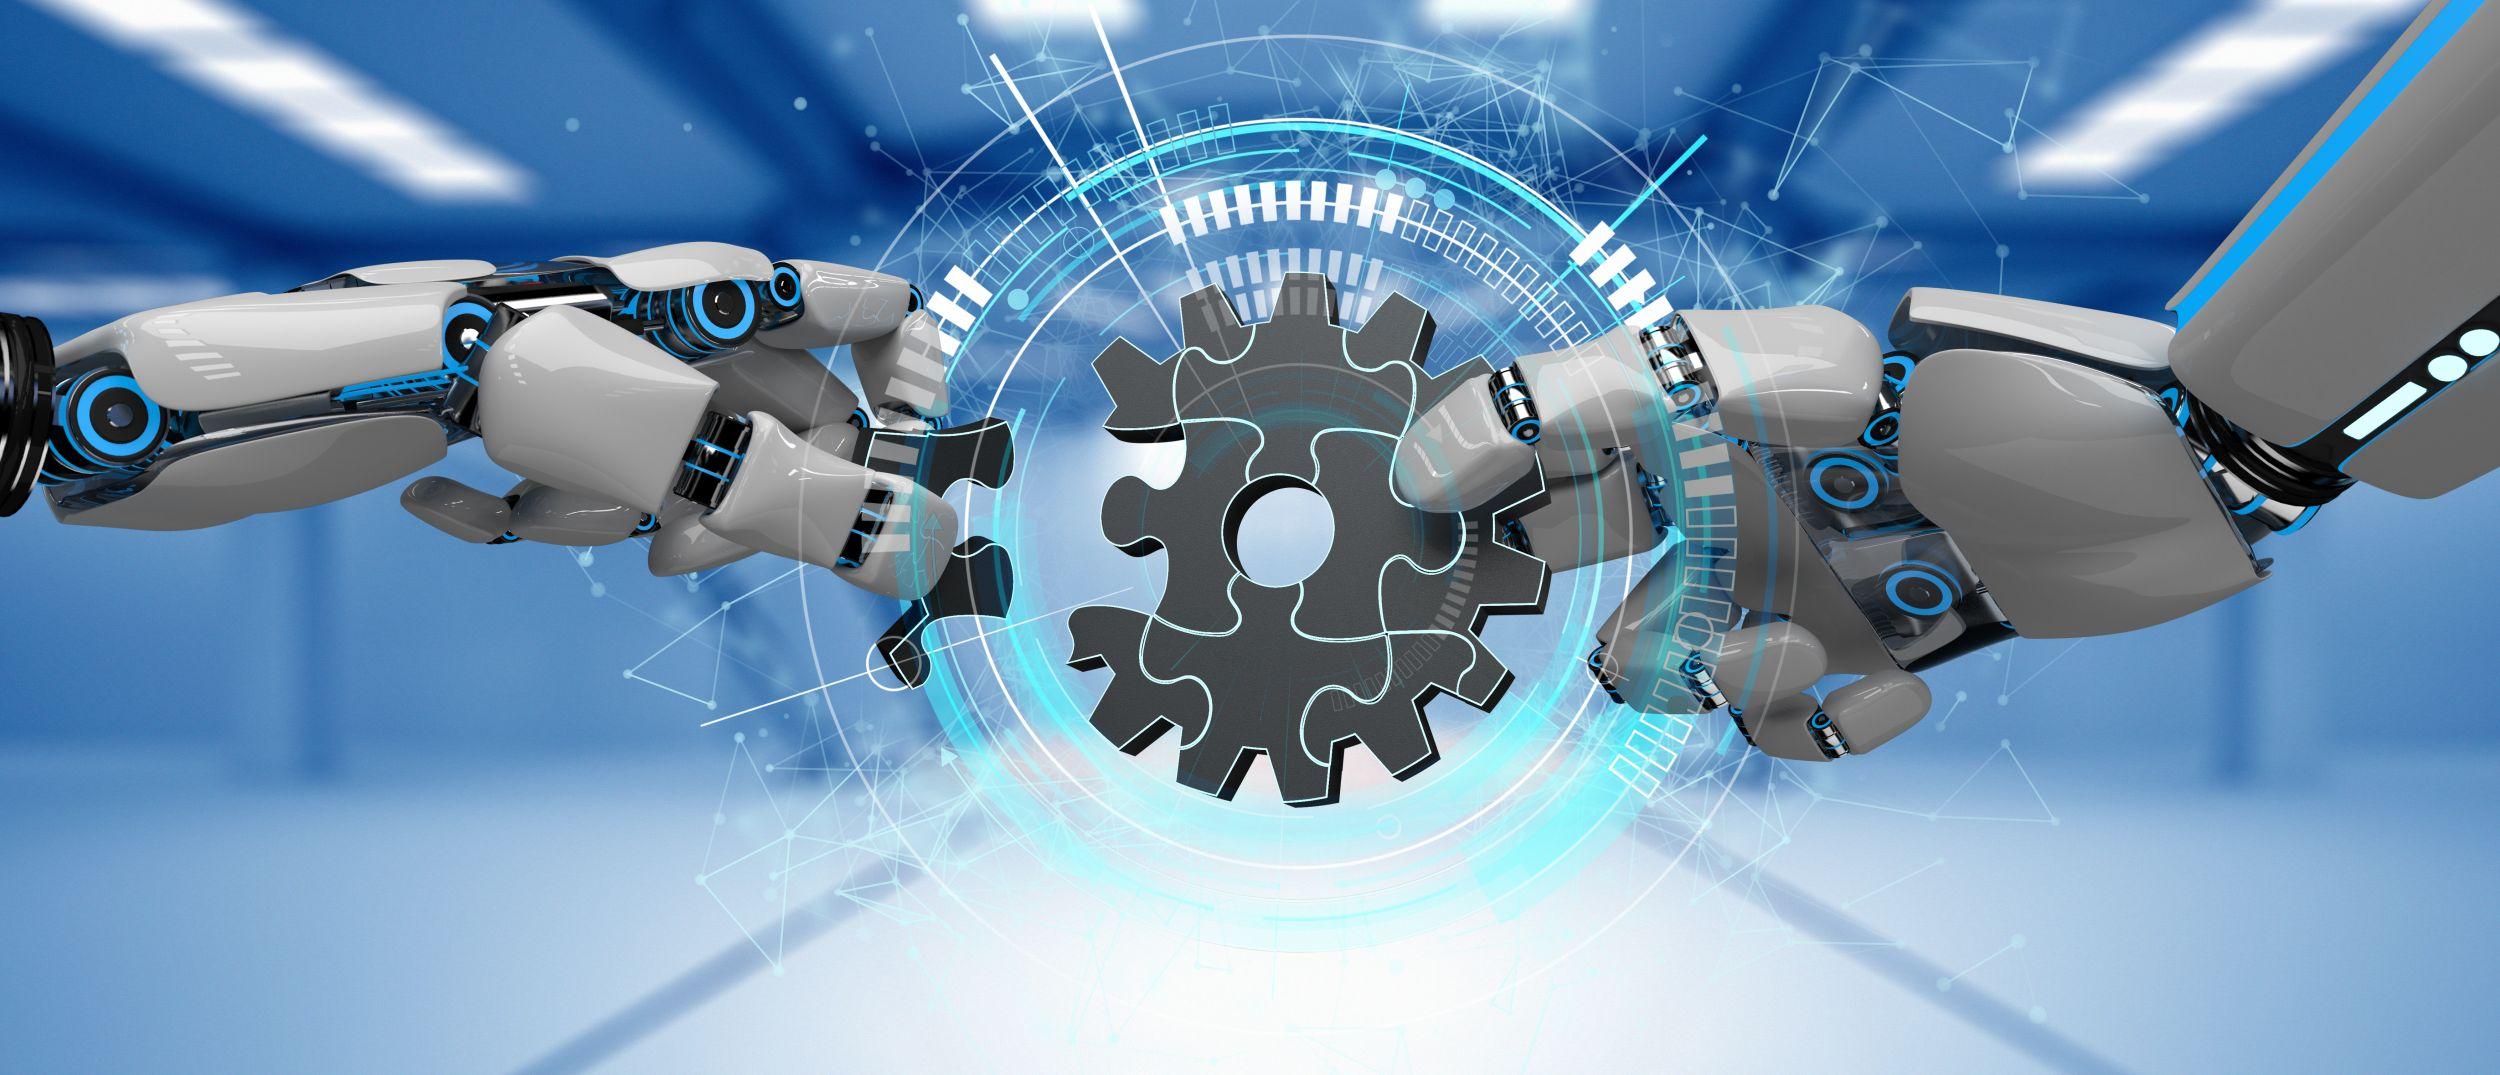 KI-Systeme für Anwendungen in jeder Branche